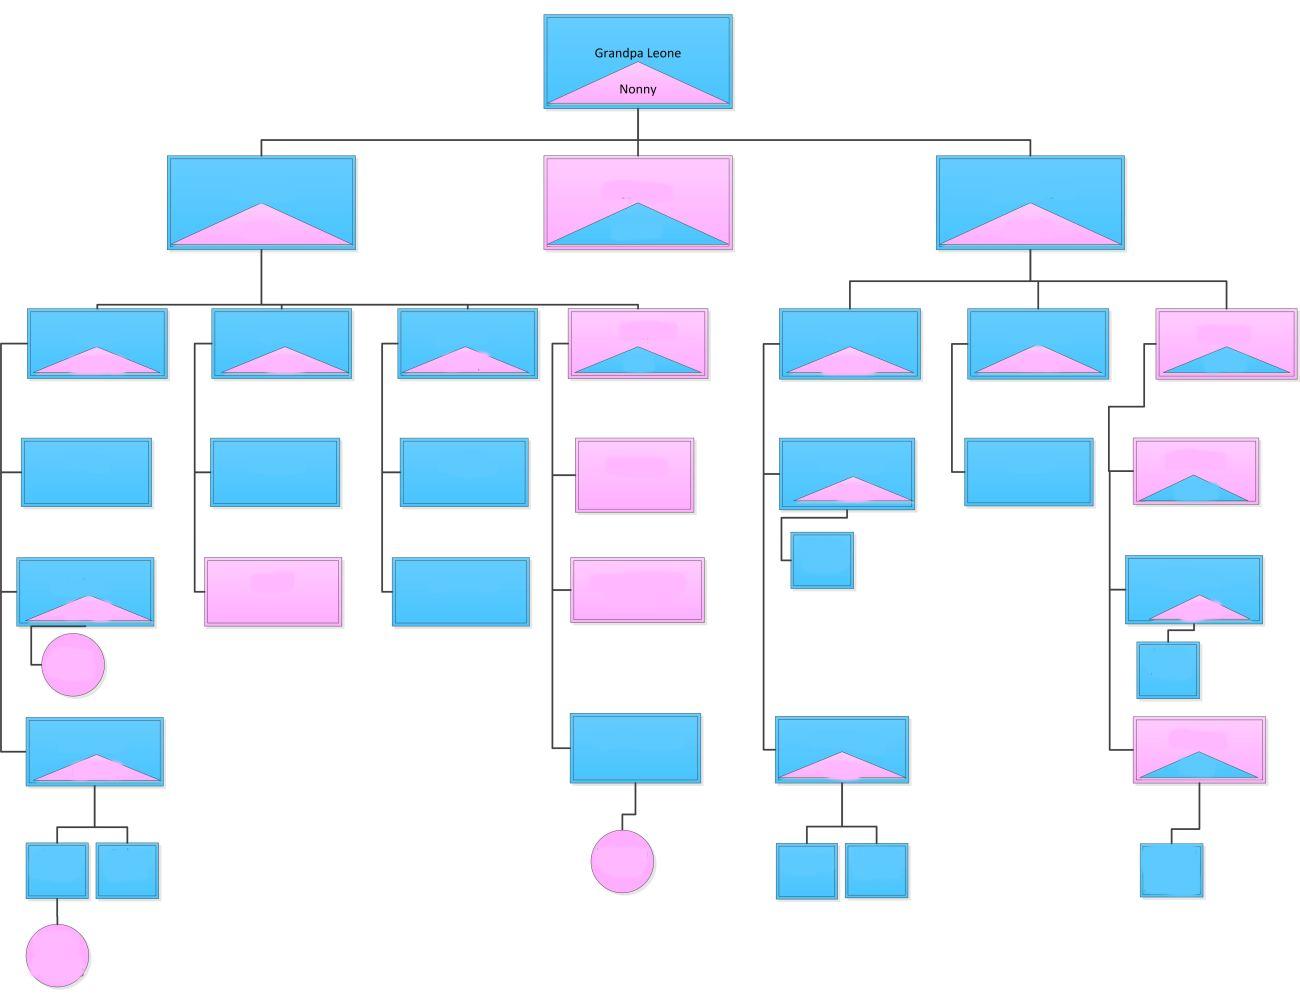 2018 1015 Family Tree - BLANK - Leone.jpg